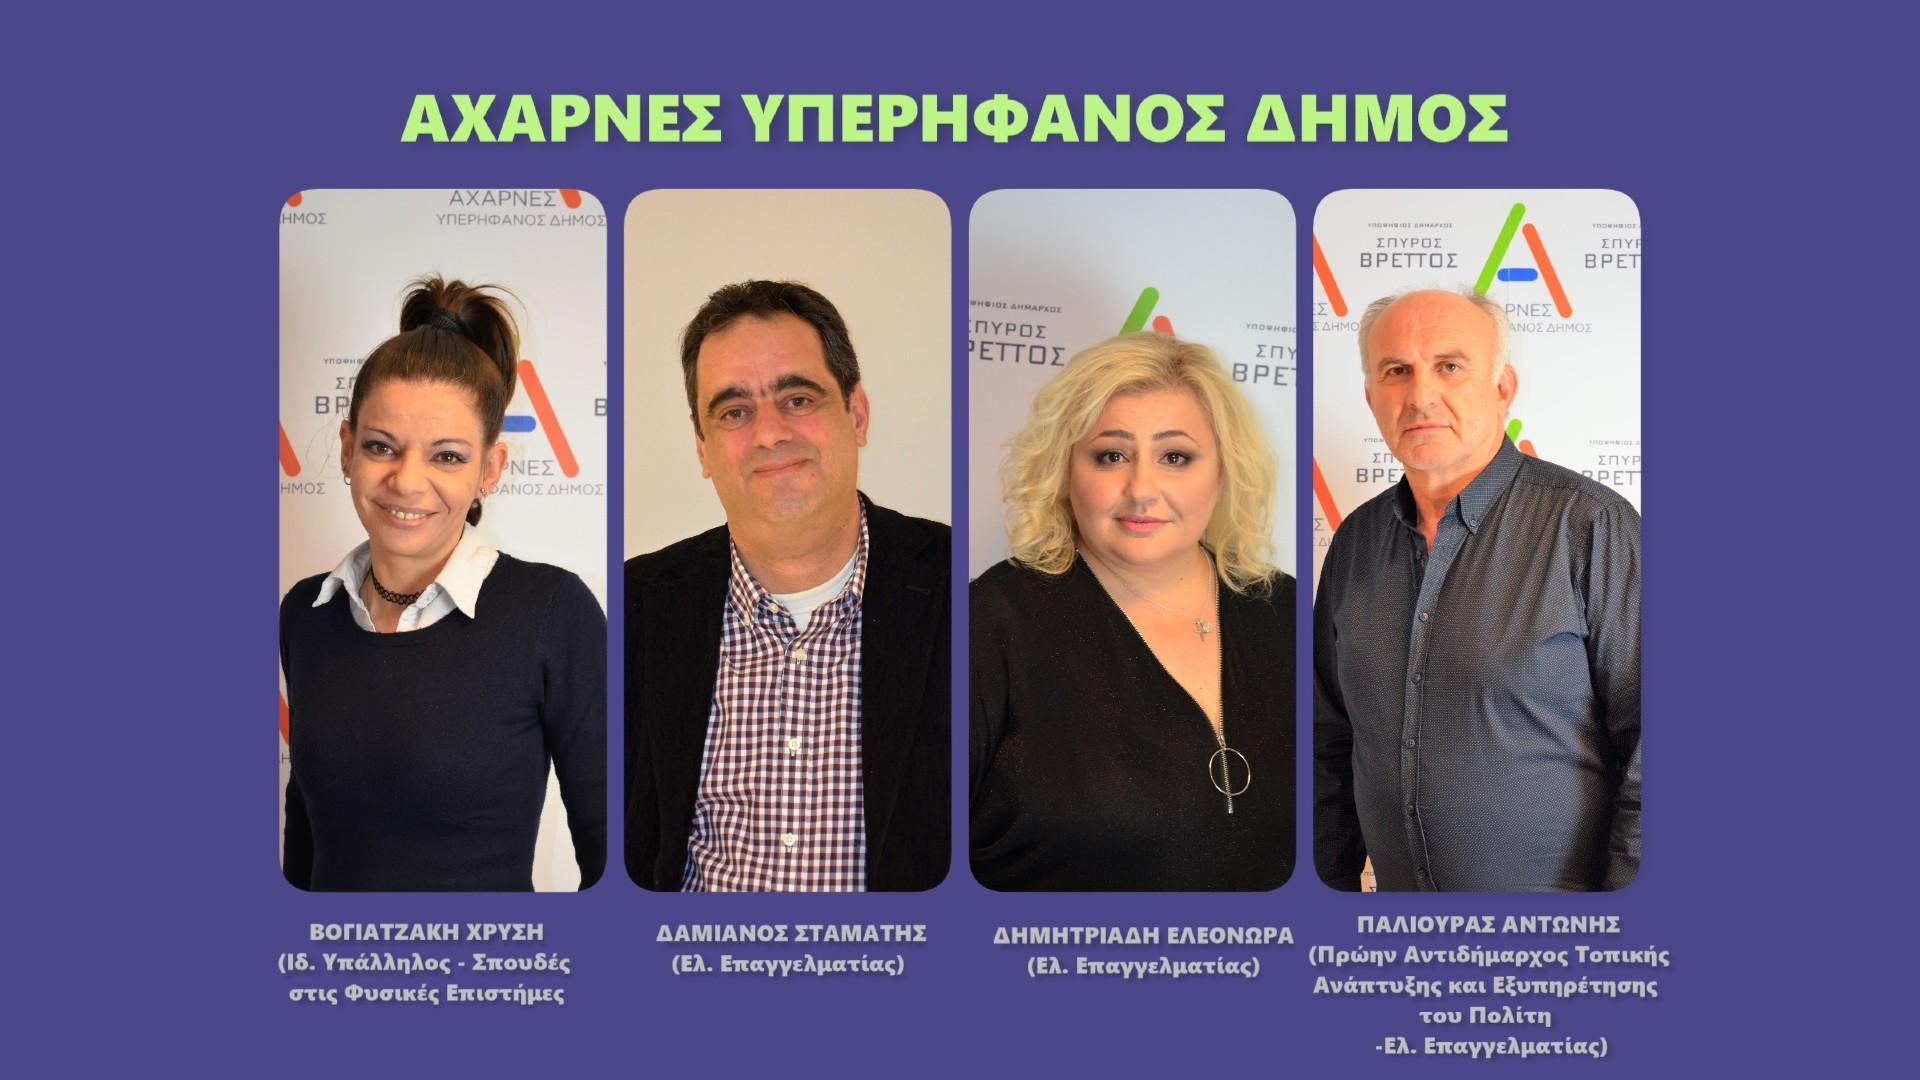 Τέσσερις νέοι υποψήφιοι ανακοινώθηκαν από τον συνδυασμό «Αχαρνές Υπερήφανος Δήμος»